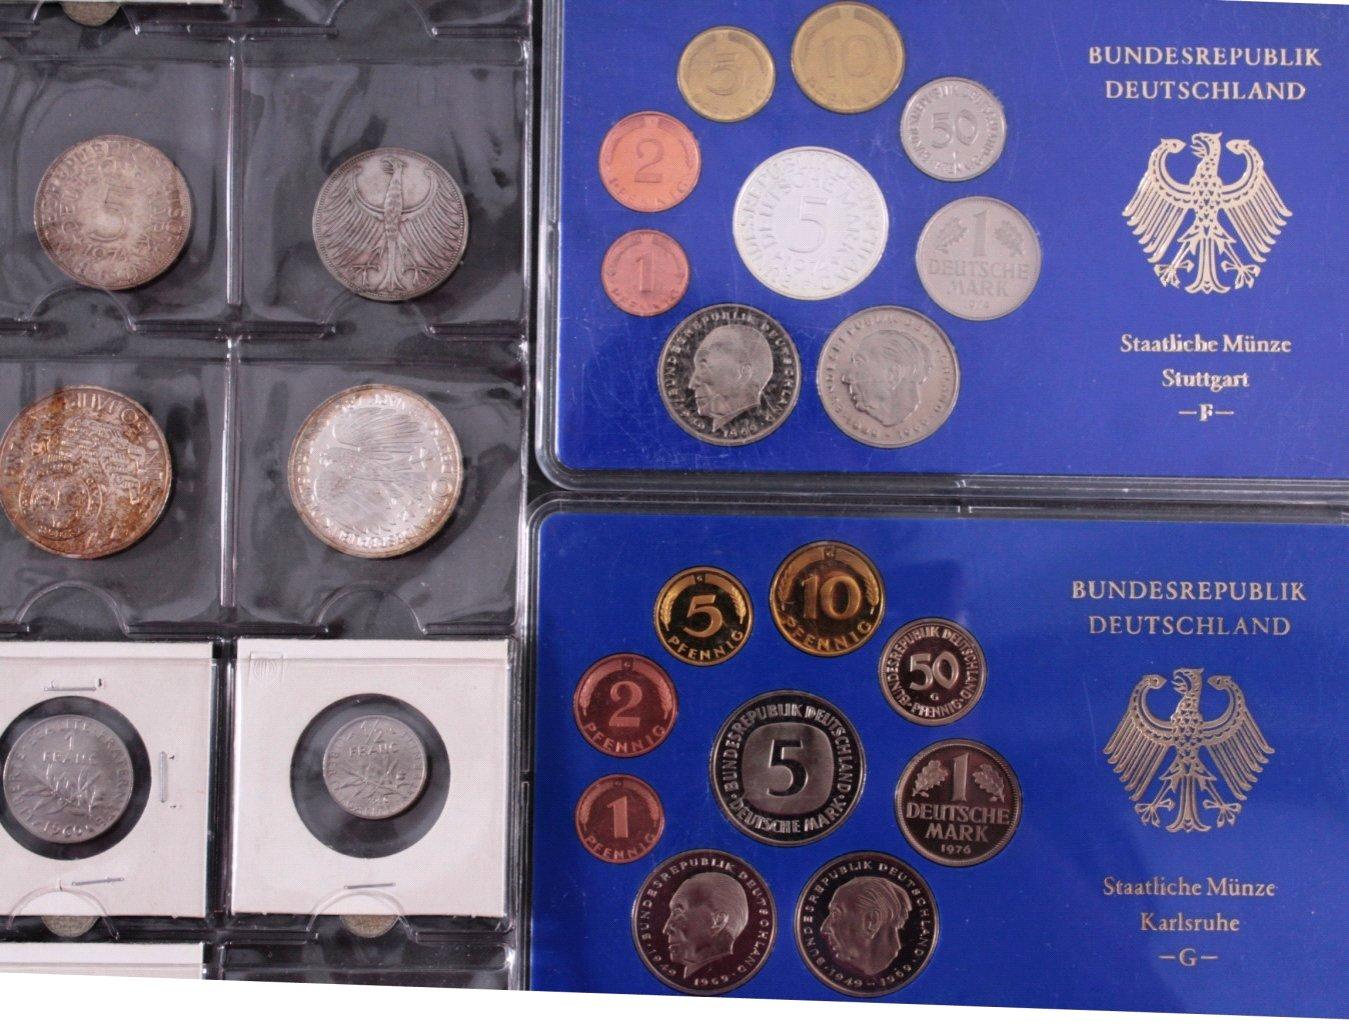 Kleines Konvolut Münzen, Deutsches Reich, BRD, Frankreich…-2